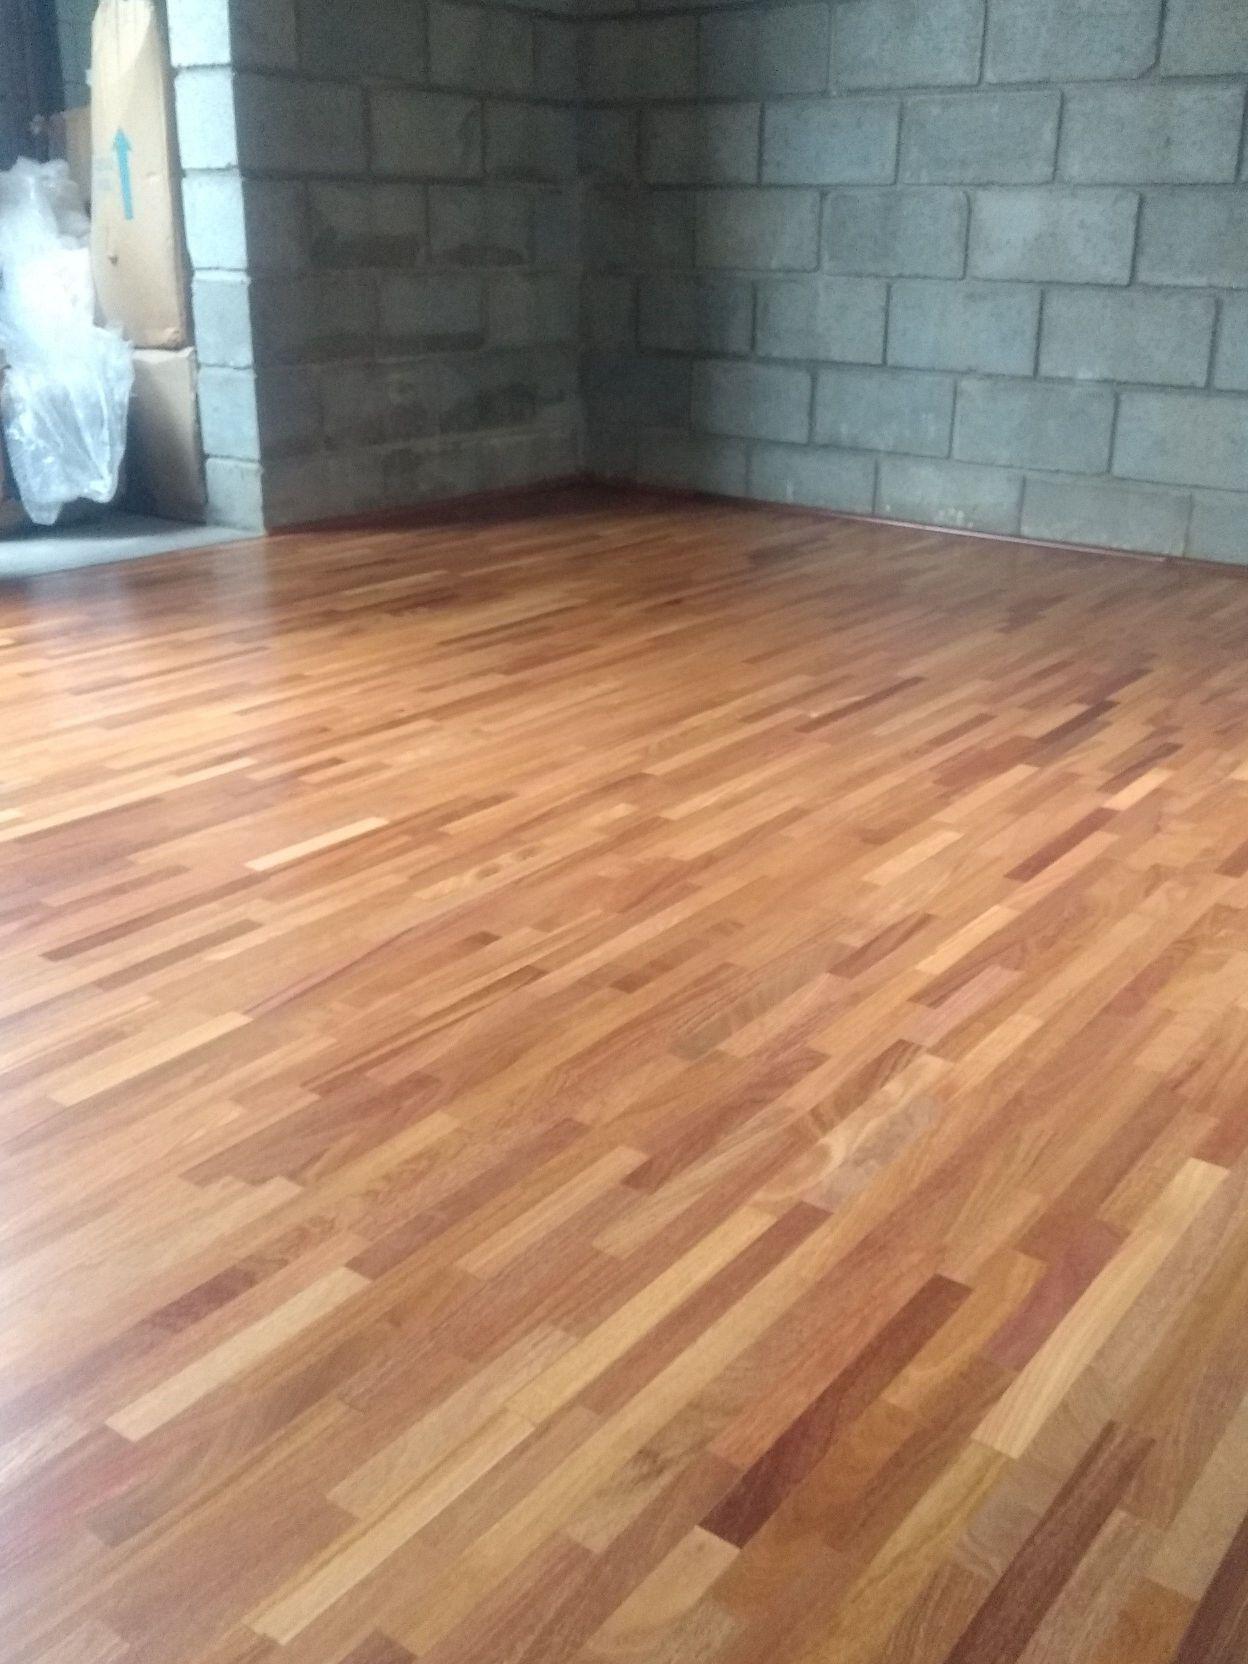 instalamos completa de pisos de madeira